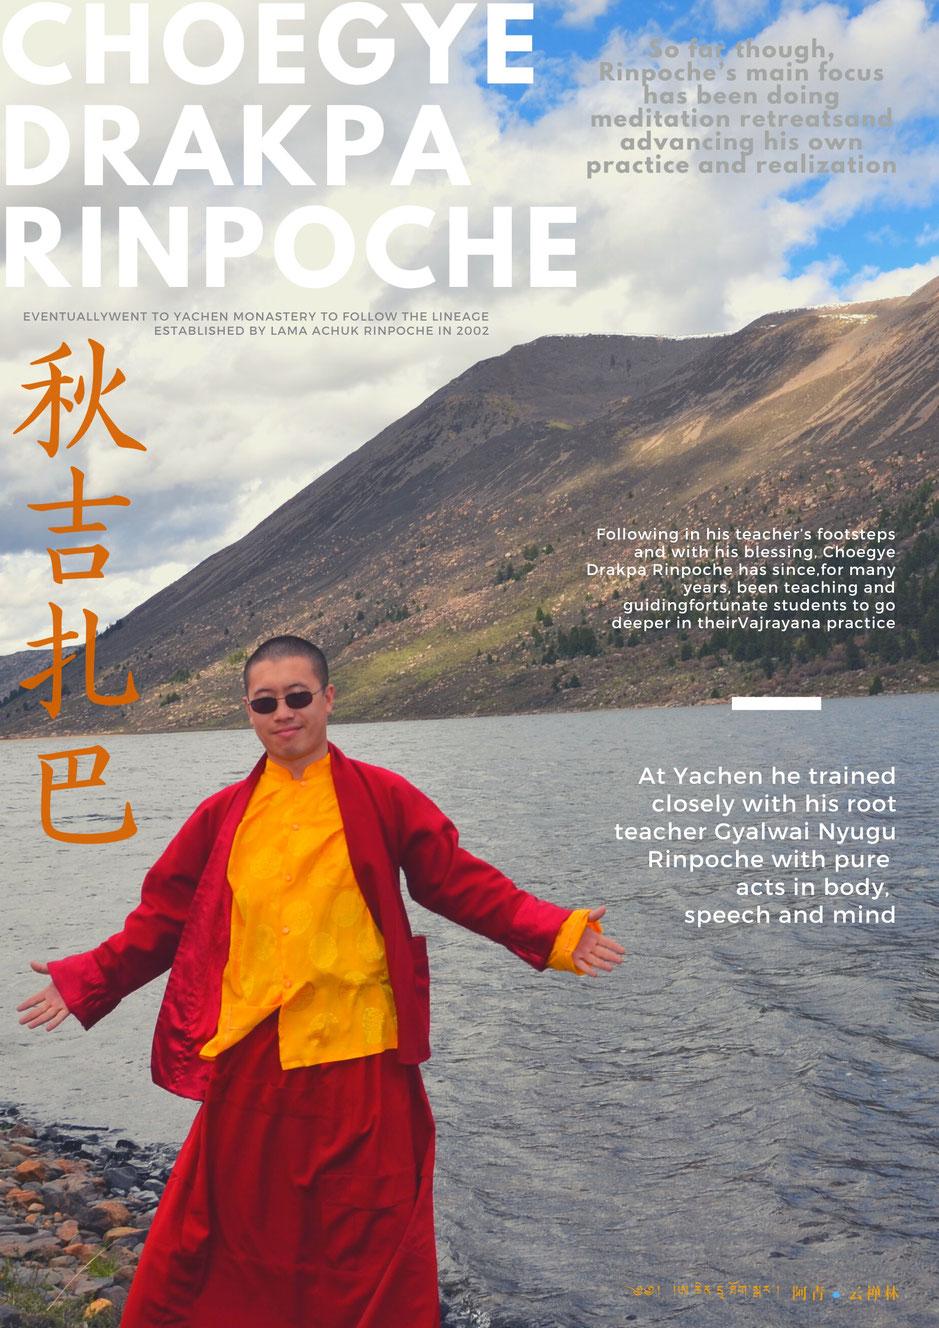 Présentation de Choegye Drakpa Rinpoché